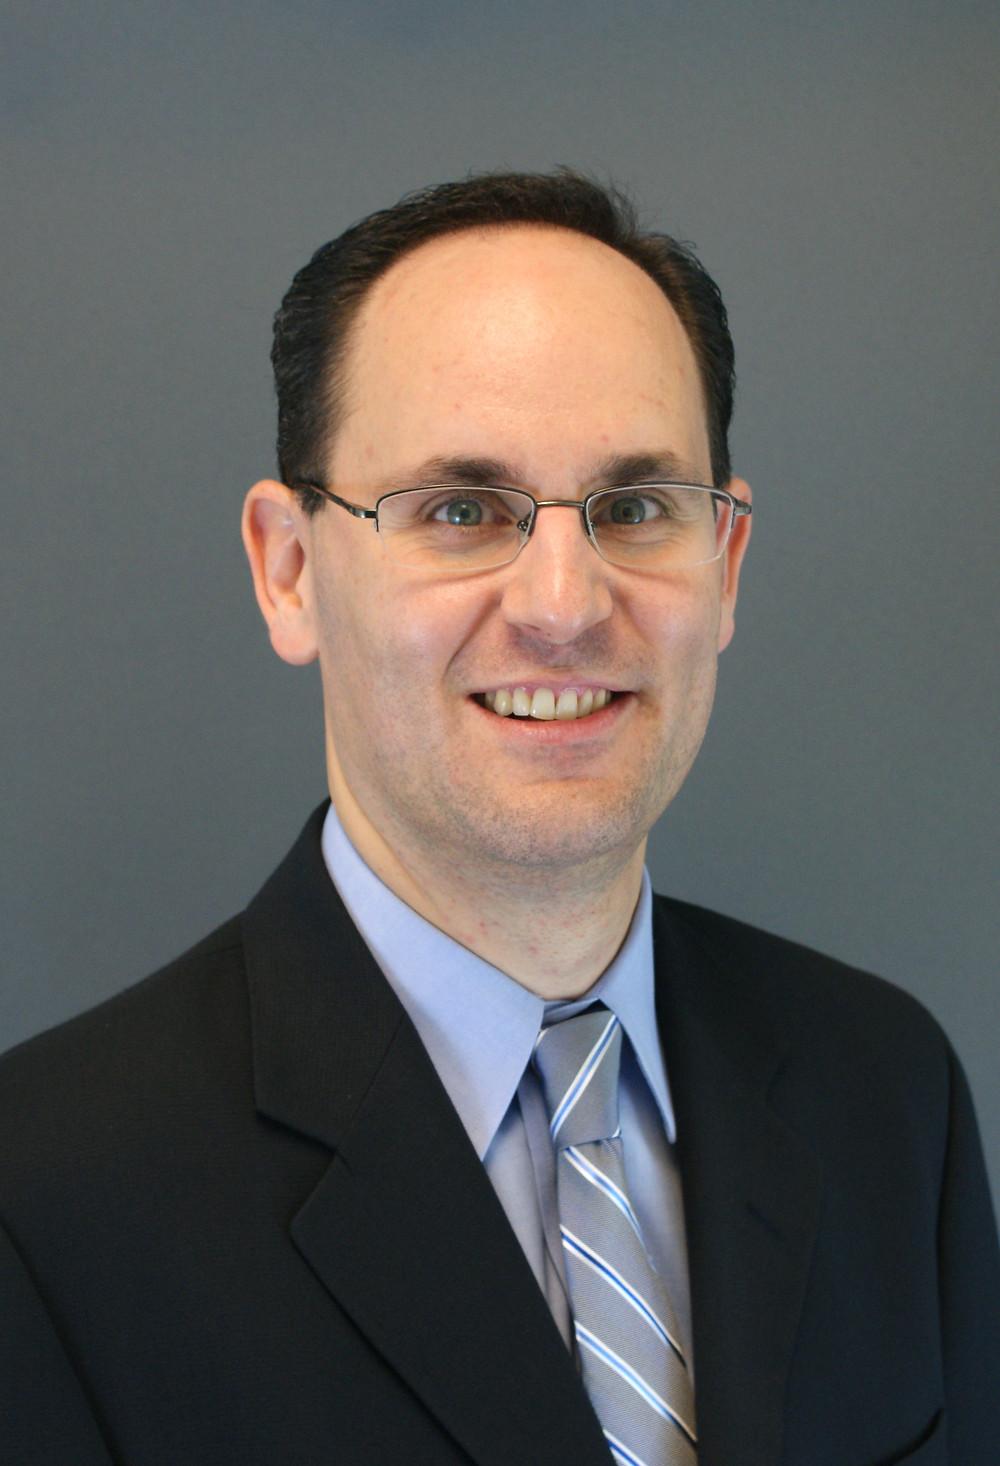 Dan Podberesky